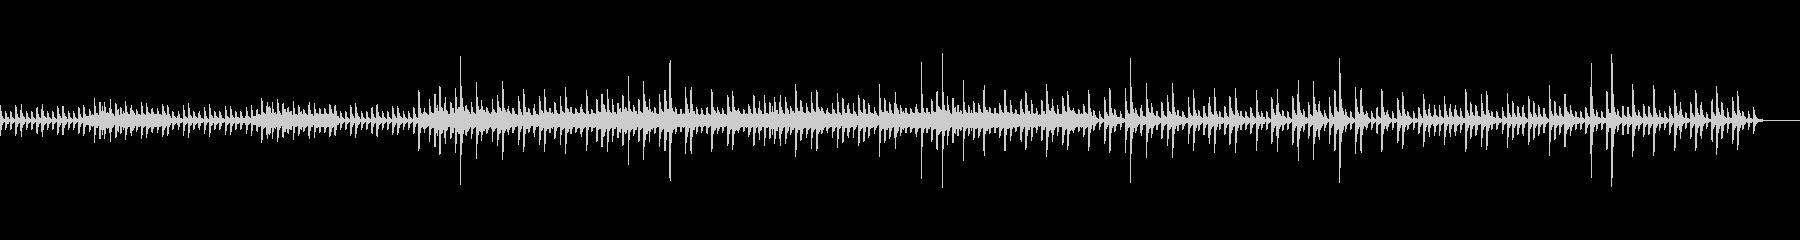 bpm100バージョンの未再生の波形